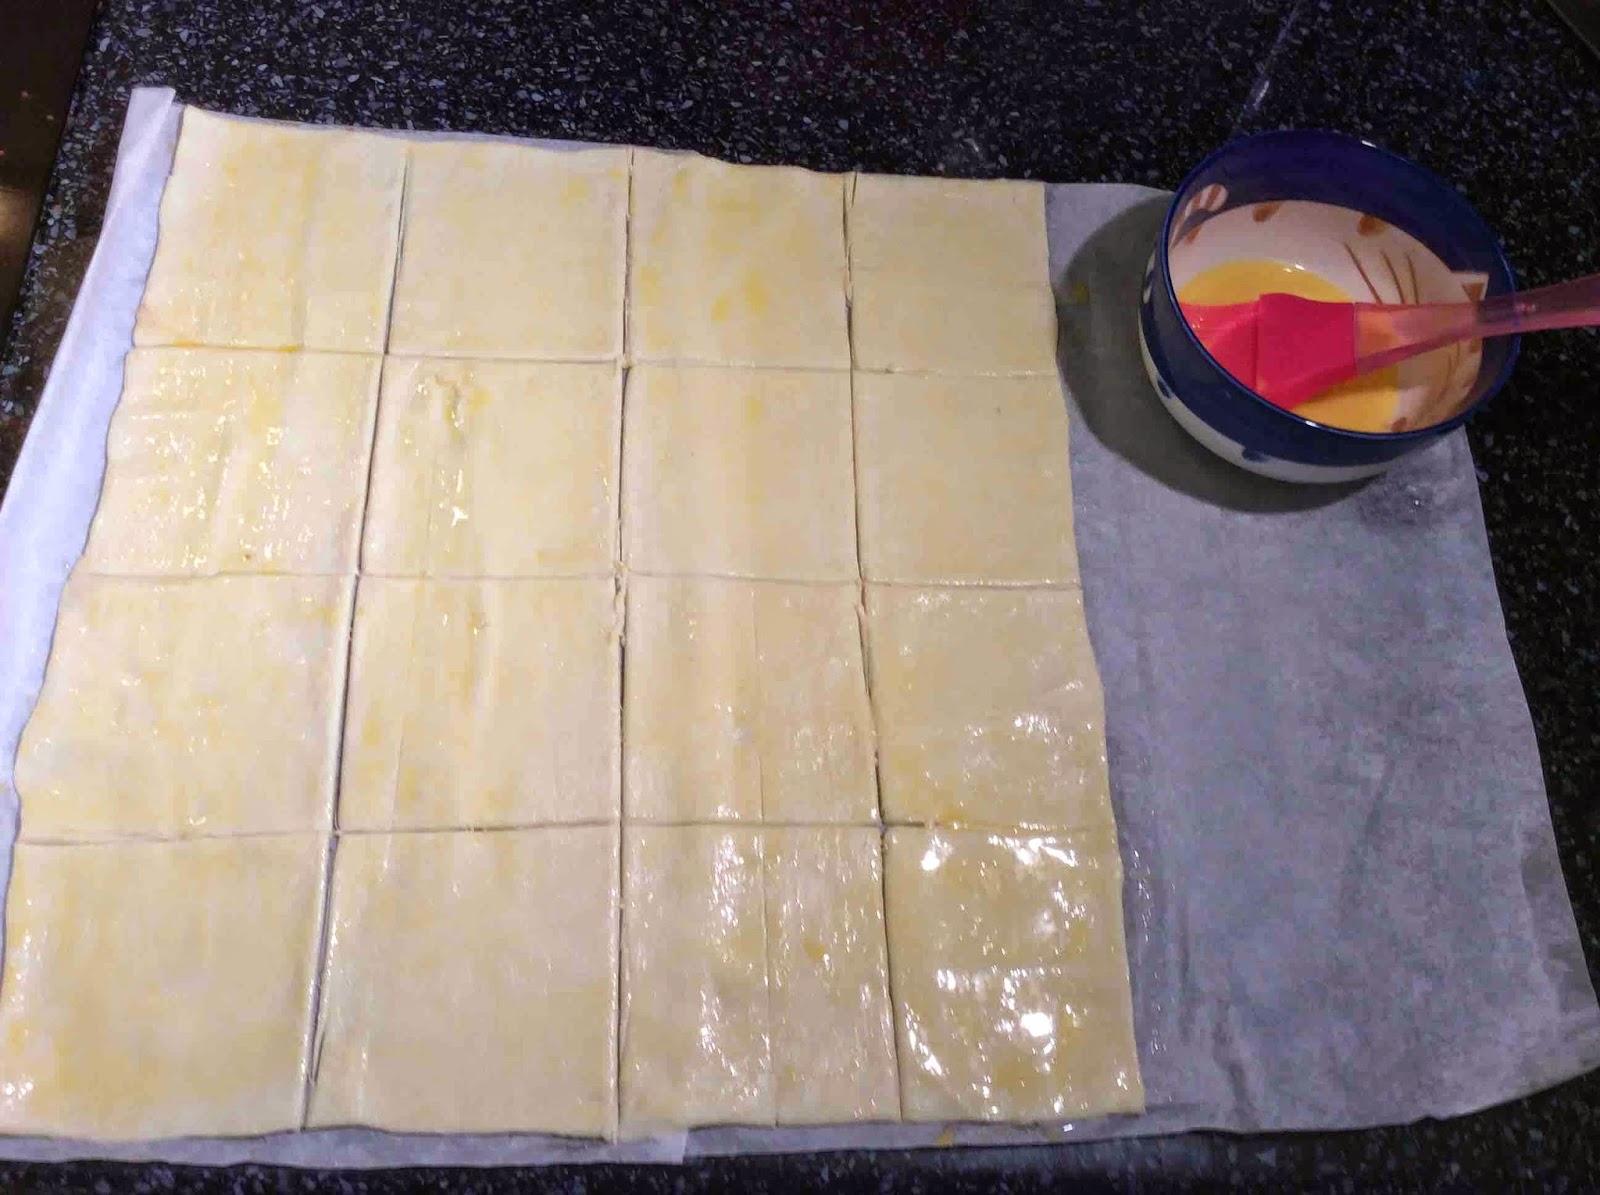 Masa de hojaldre cortada y pintada con yema de huevo